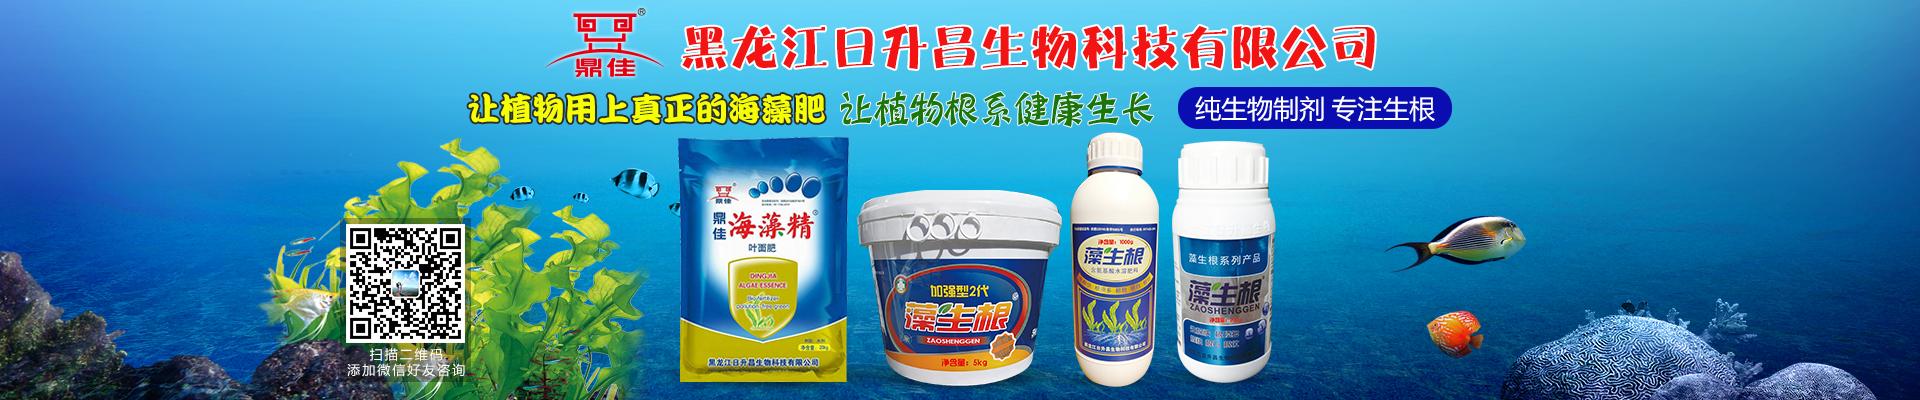 黑龙江日升昌生物科技有限公司